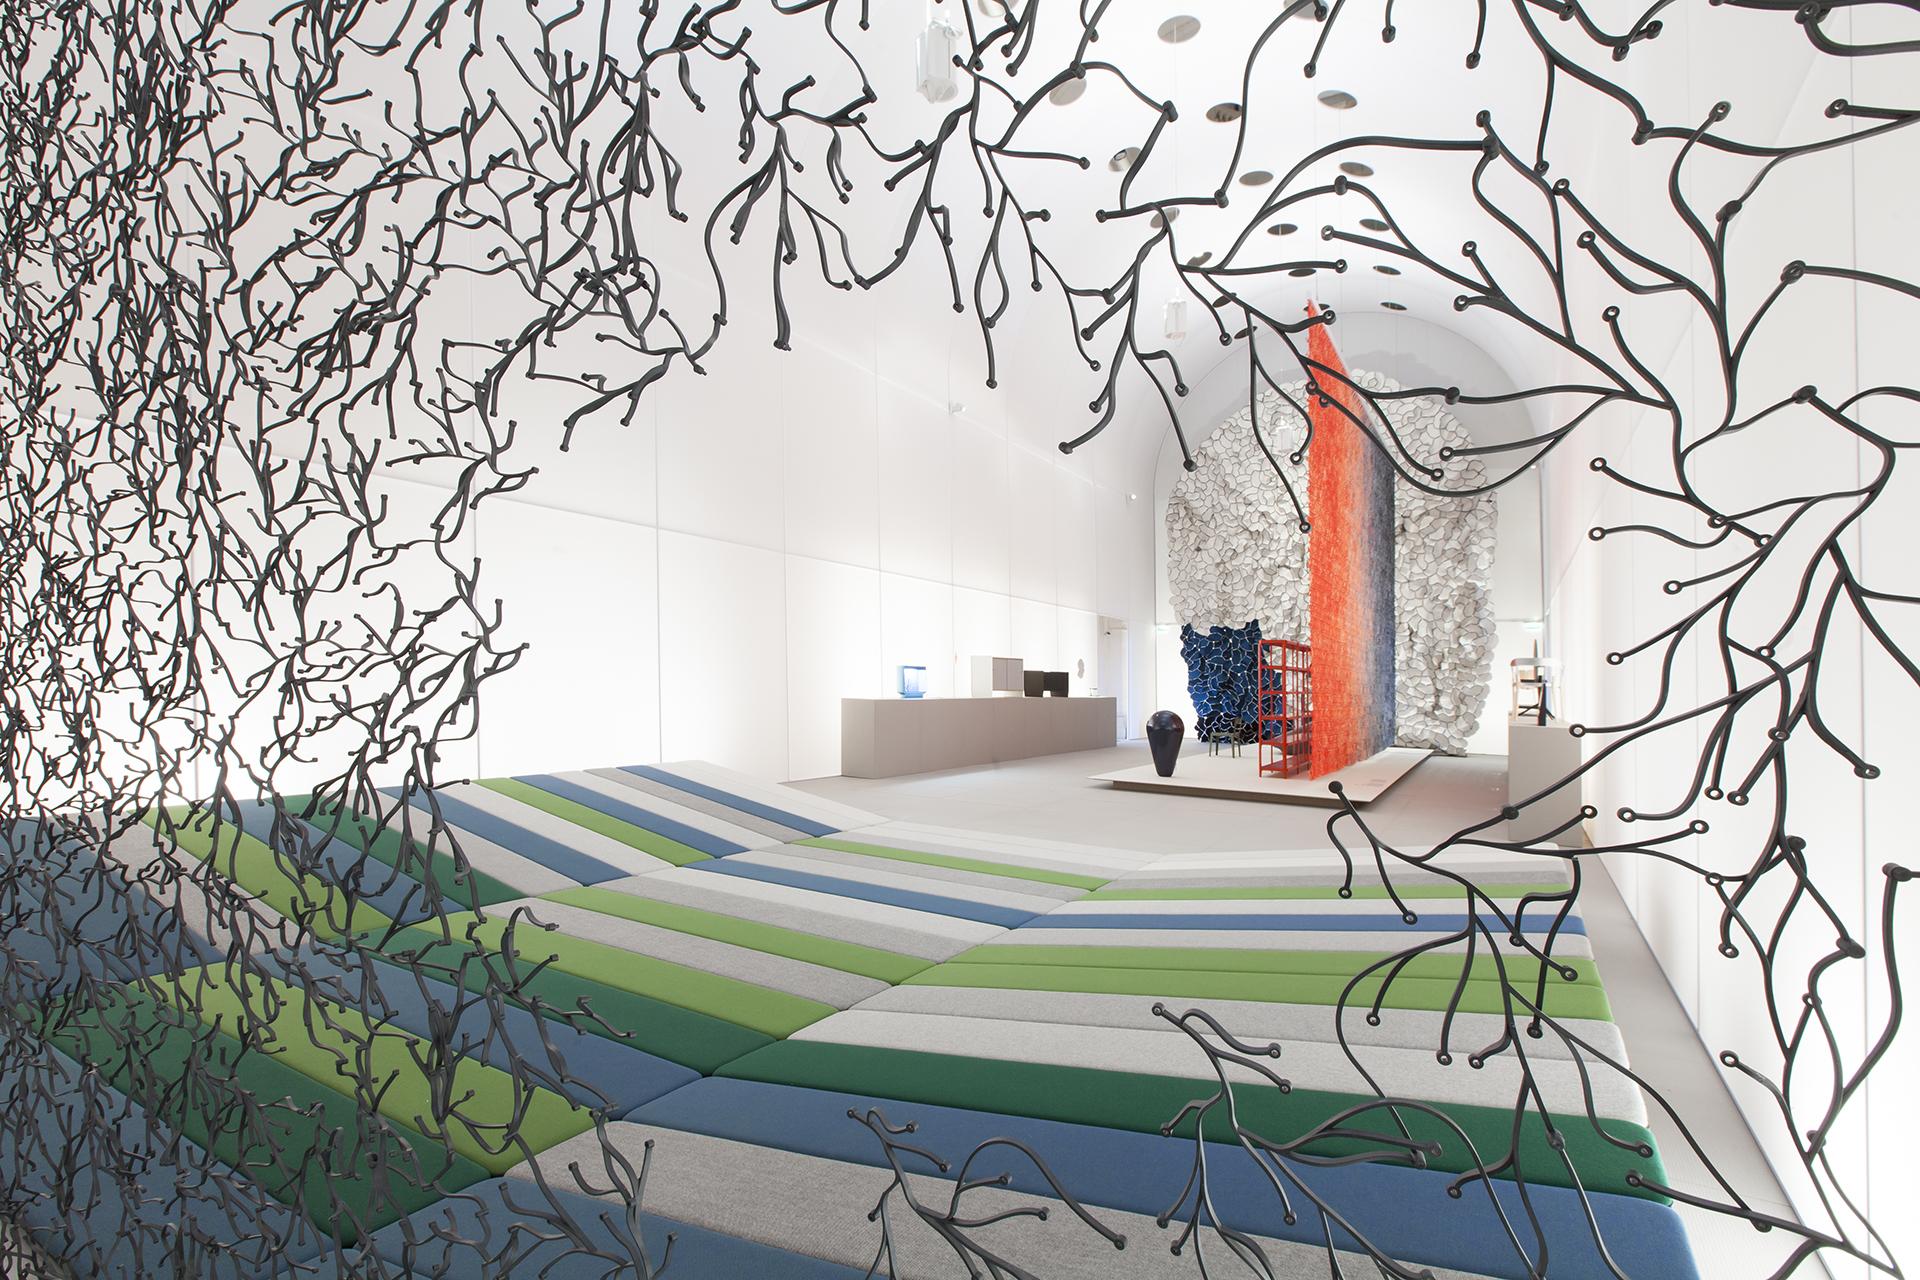 momentané | exhibition erwan & ronan bouroullec | musée des arts décoratifs paris